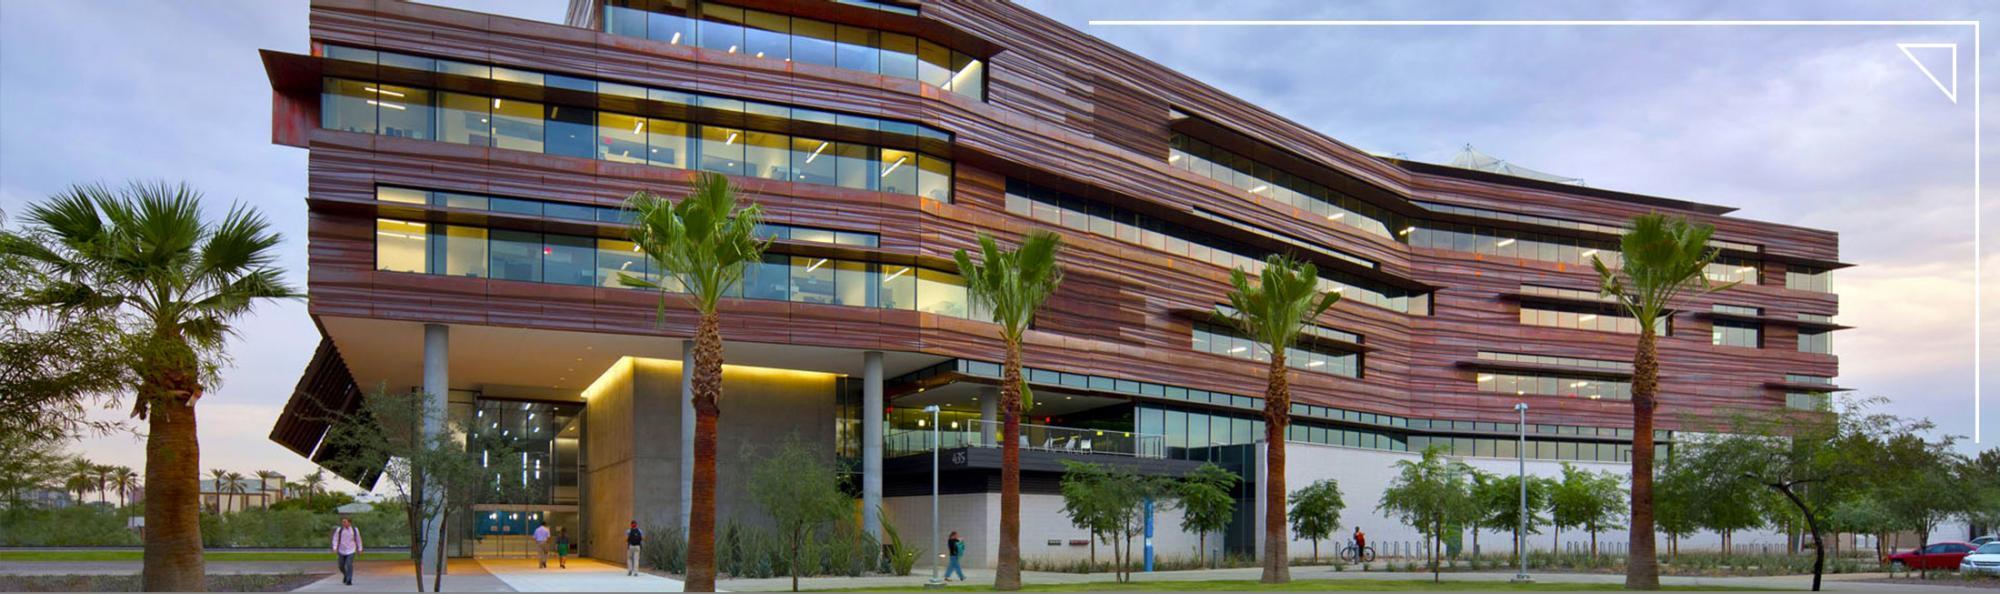 Eller MBA in Phoenix